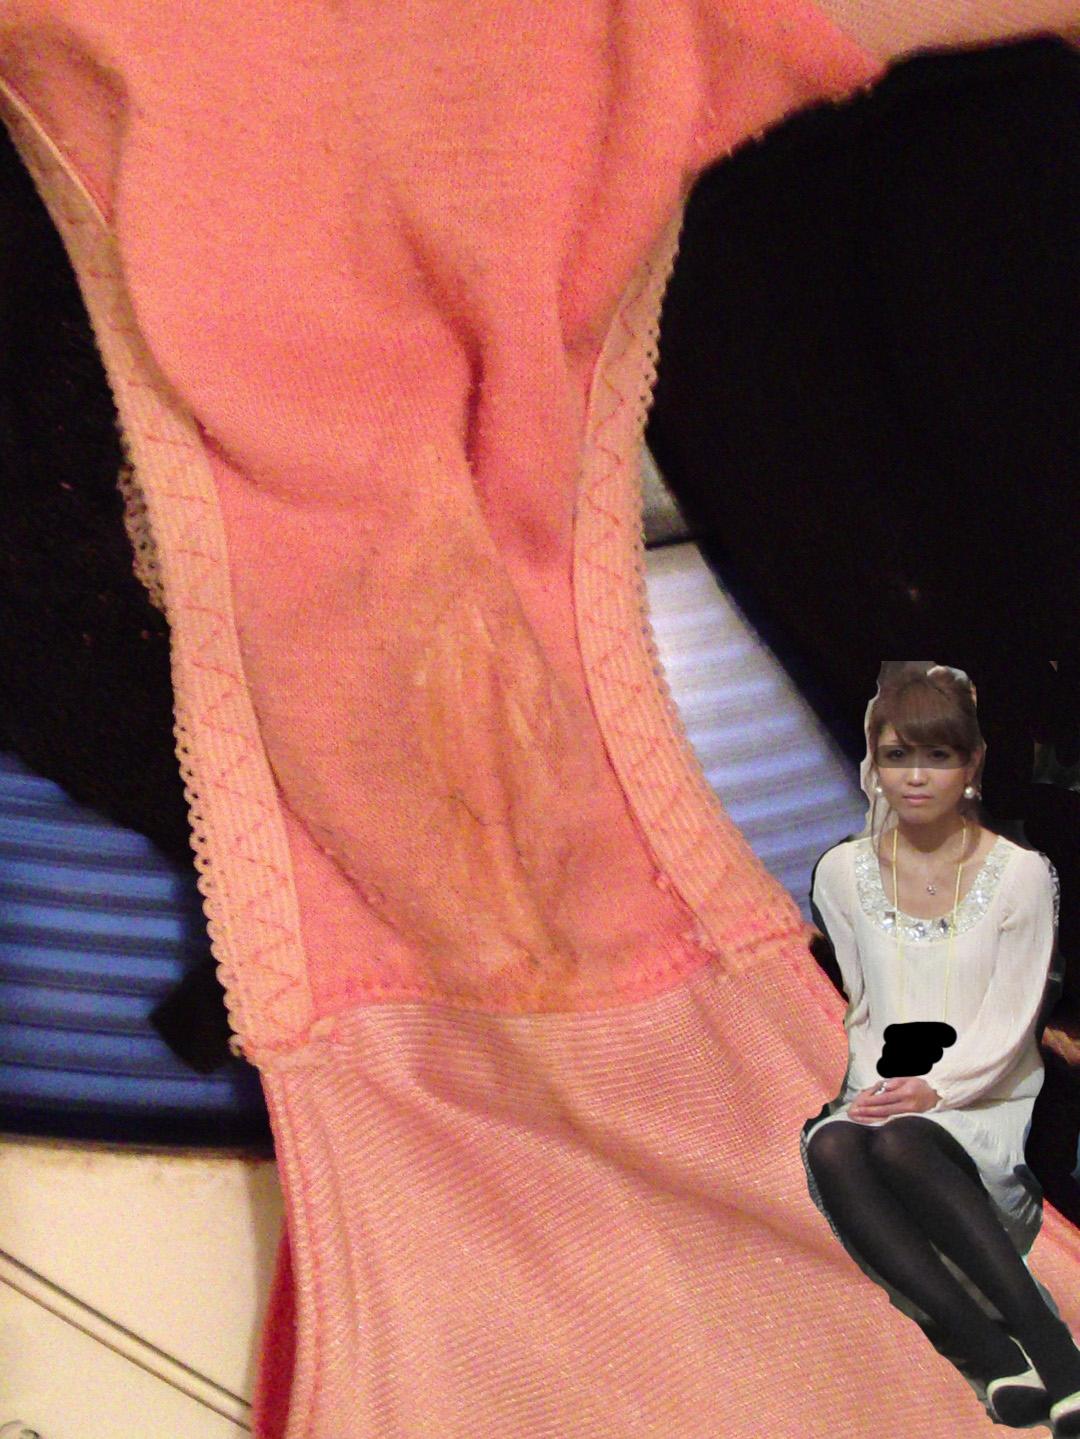 美人姉のシミ付き洗濯機の中の下着盗撮エロ画像9枚目